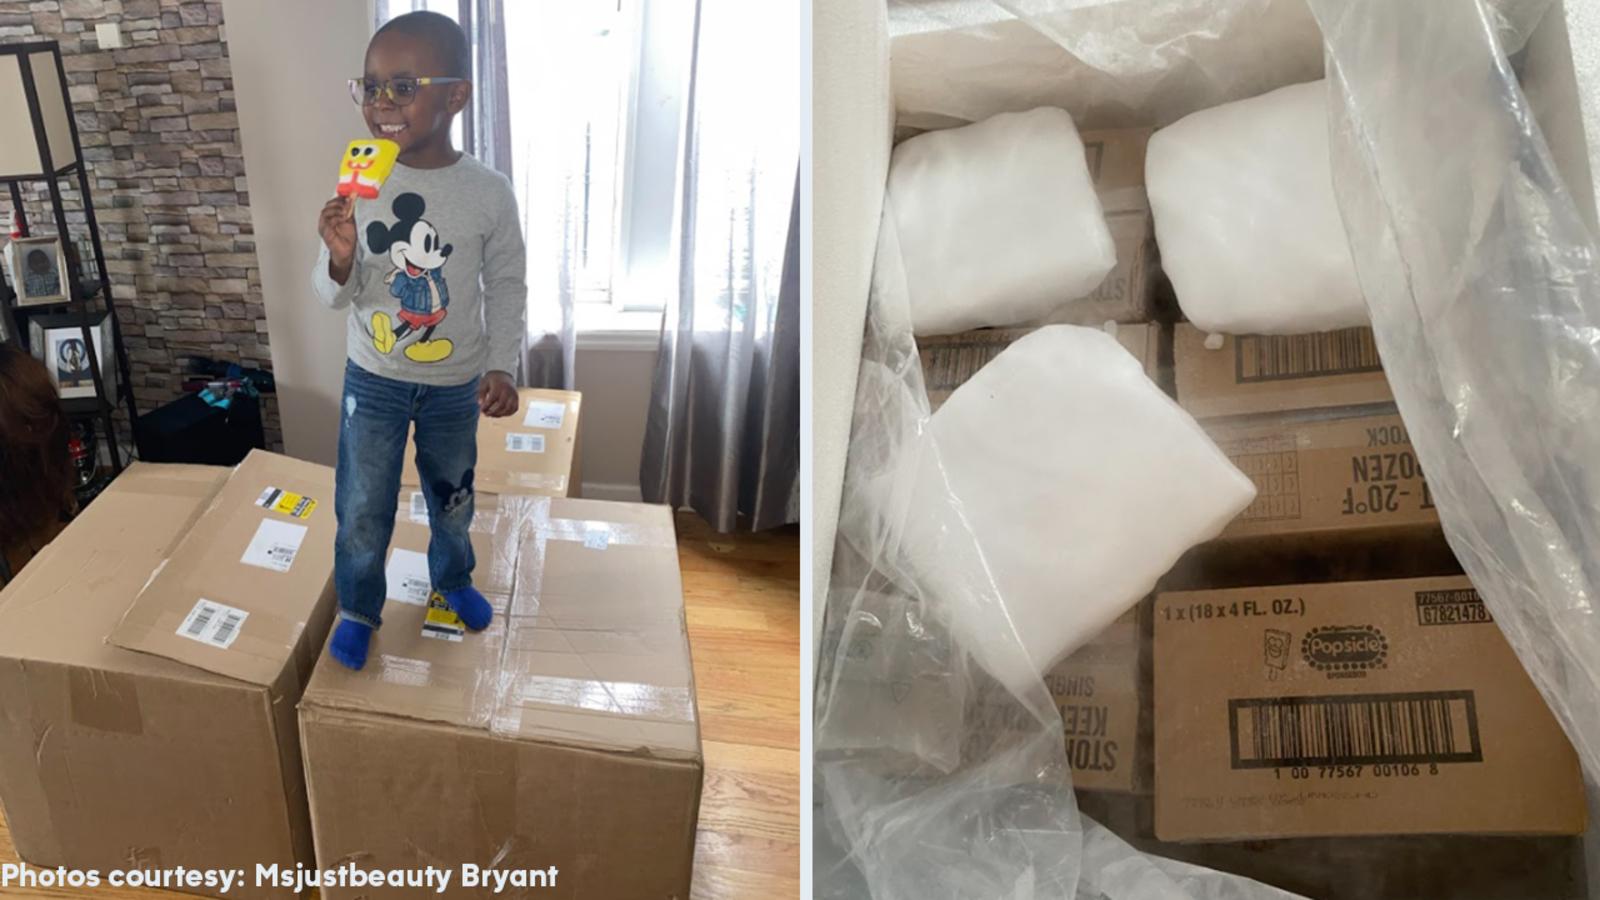 4-year-old NYC boy secretly buys $2,600 worth of SpongeBob popsicles on Amazon